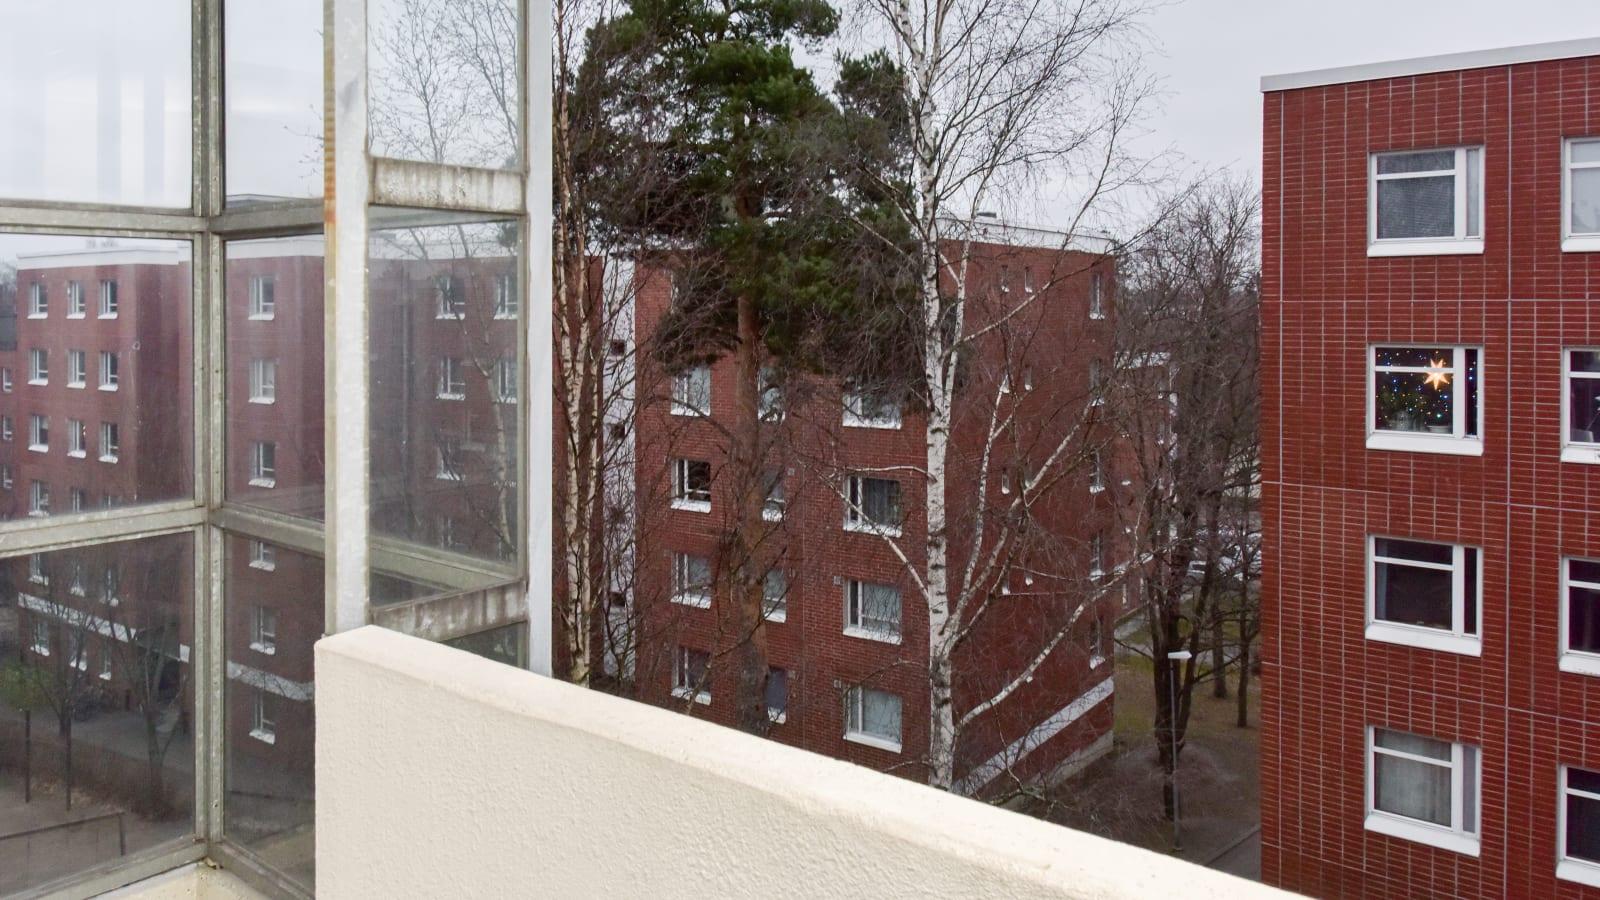 Helsinki, Pukinmäki, Erkki Melartinin tie 1